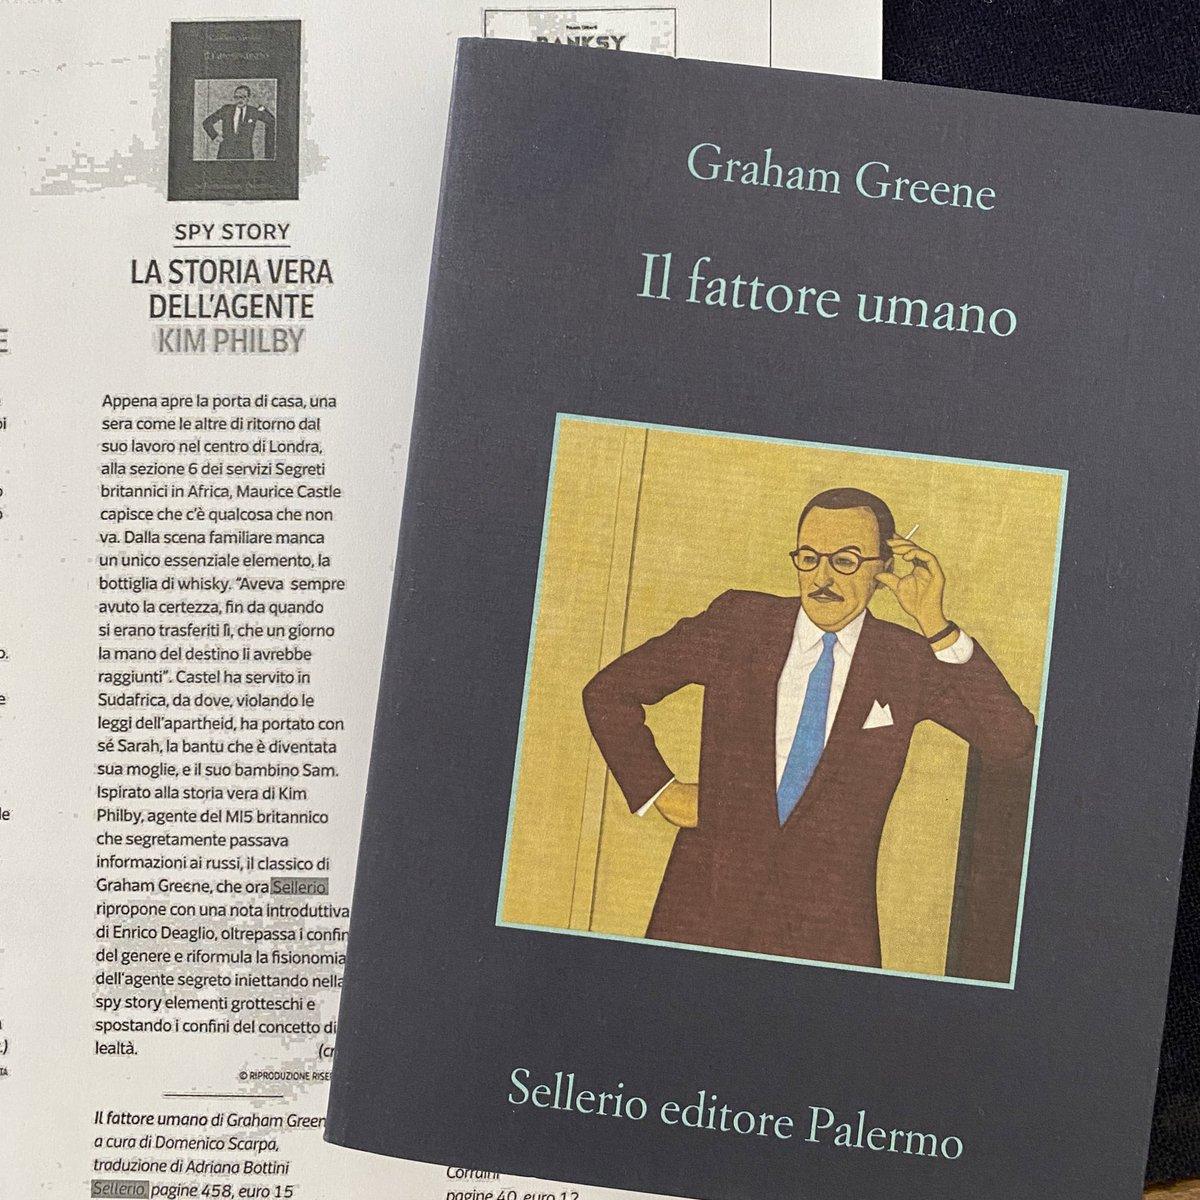 Su @7Corriere #IlFattoreUmano di #GrahamGreene, la storia vera dell'agente Philby. https://t.co/o7q6sTUTCs